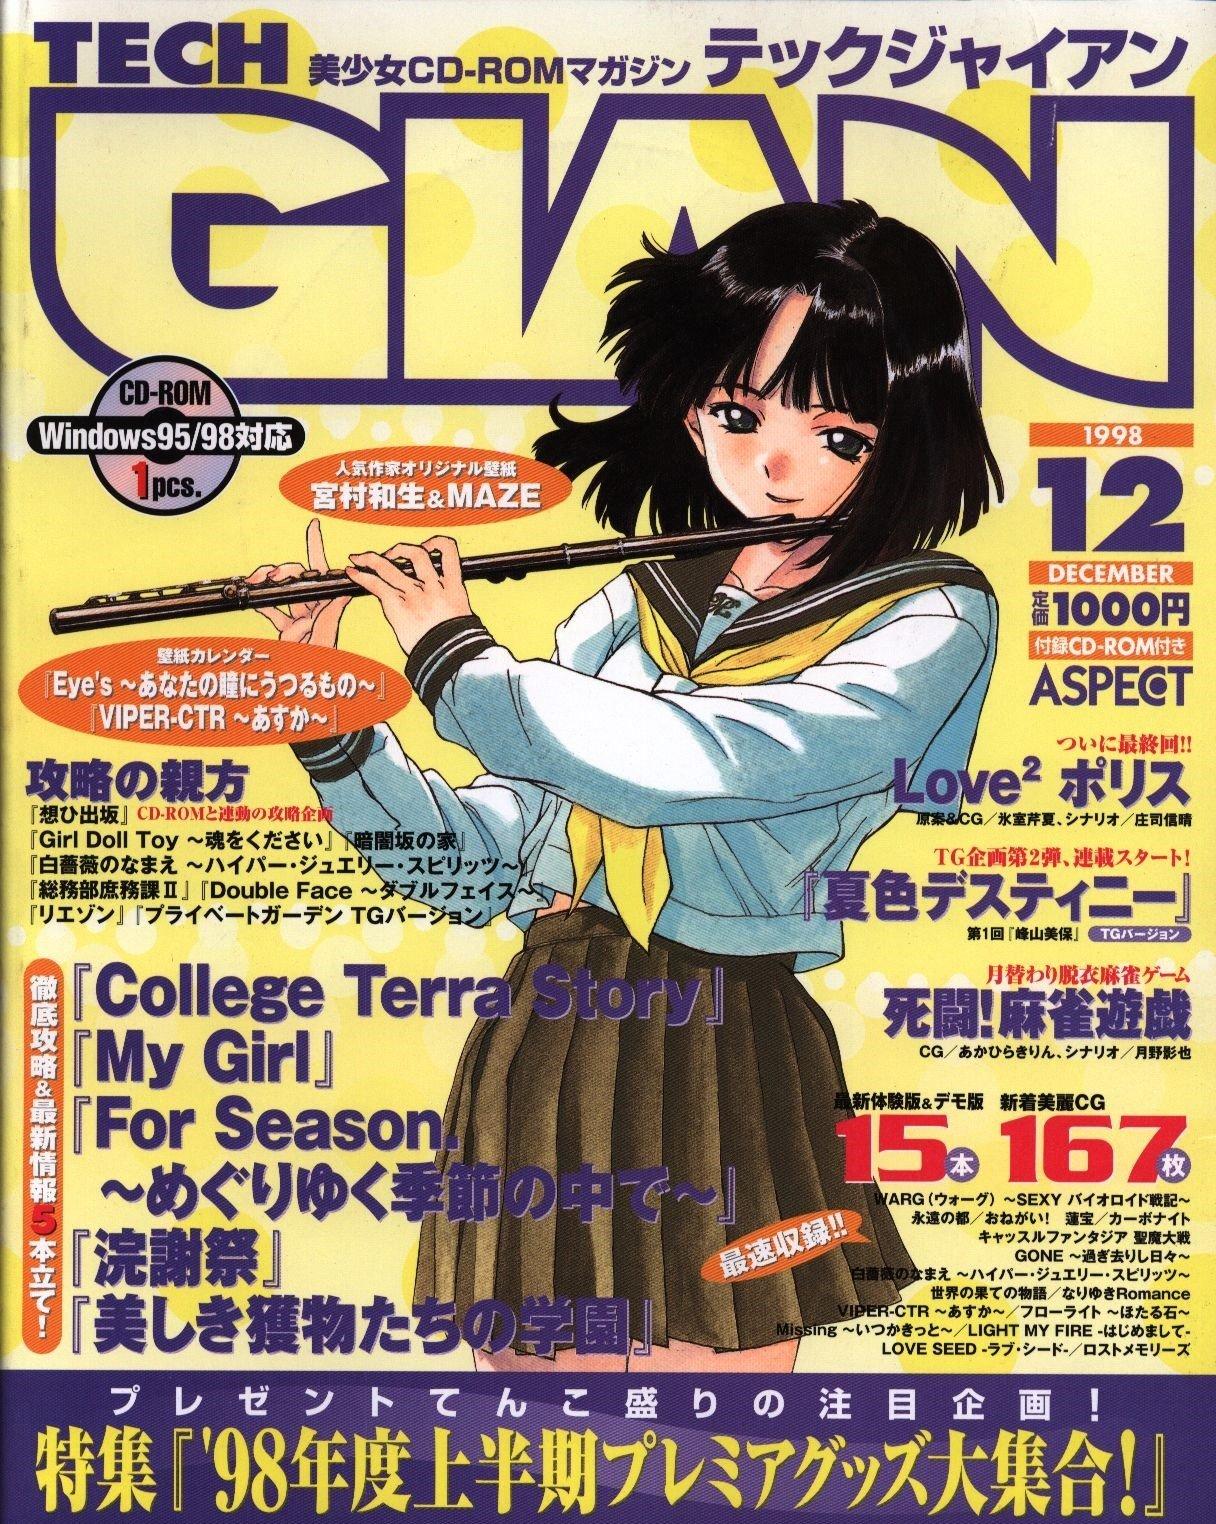 Tech Gian Issue 026 (December 1998)